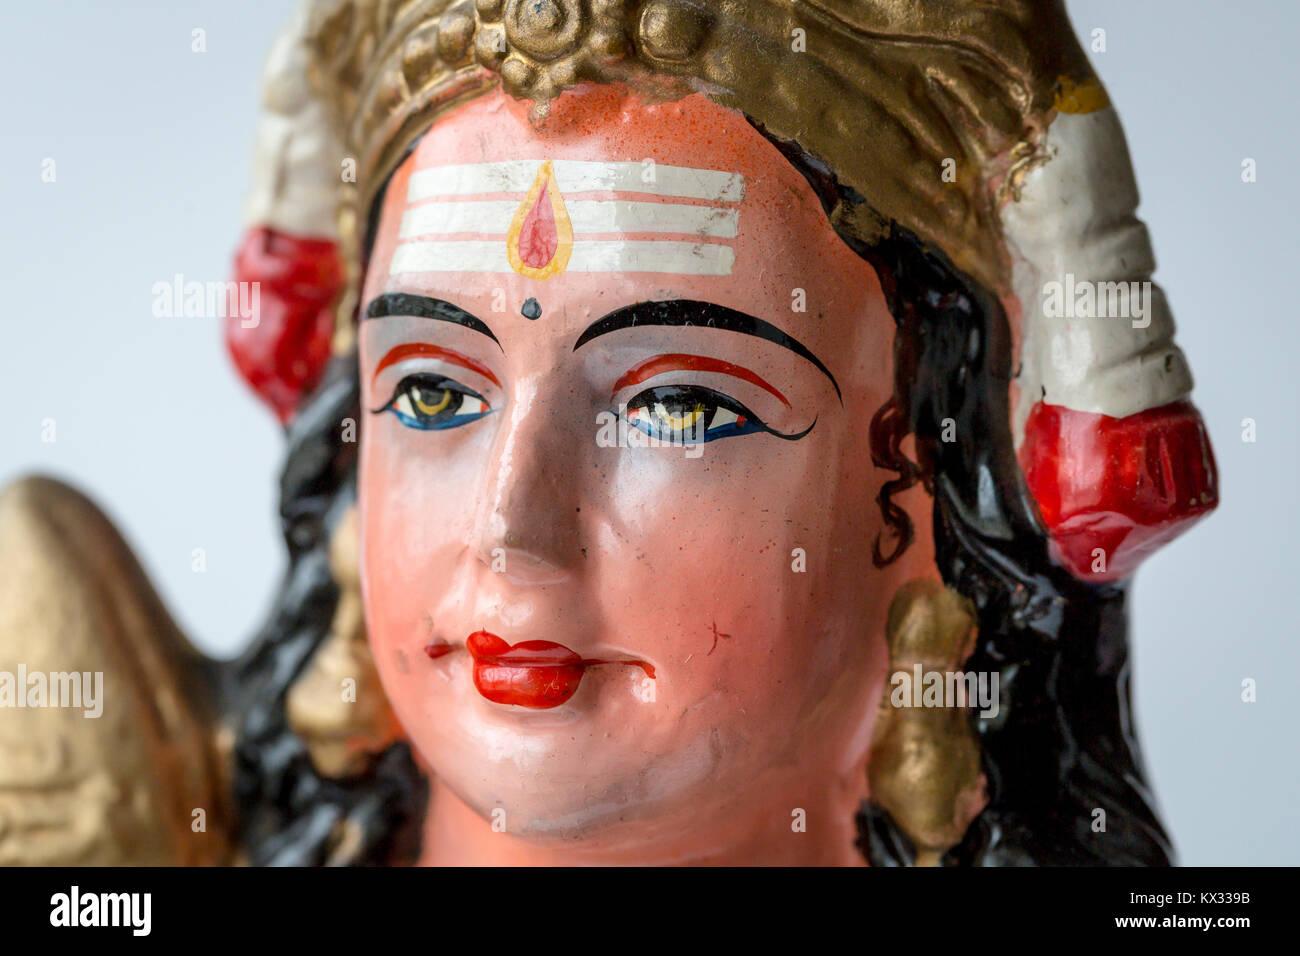 Inspirierend Gesicht Bemalen Beste Wahl Bunt Bemalte Einer Hinduistischen Gottheit Statue